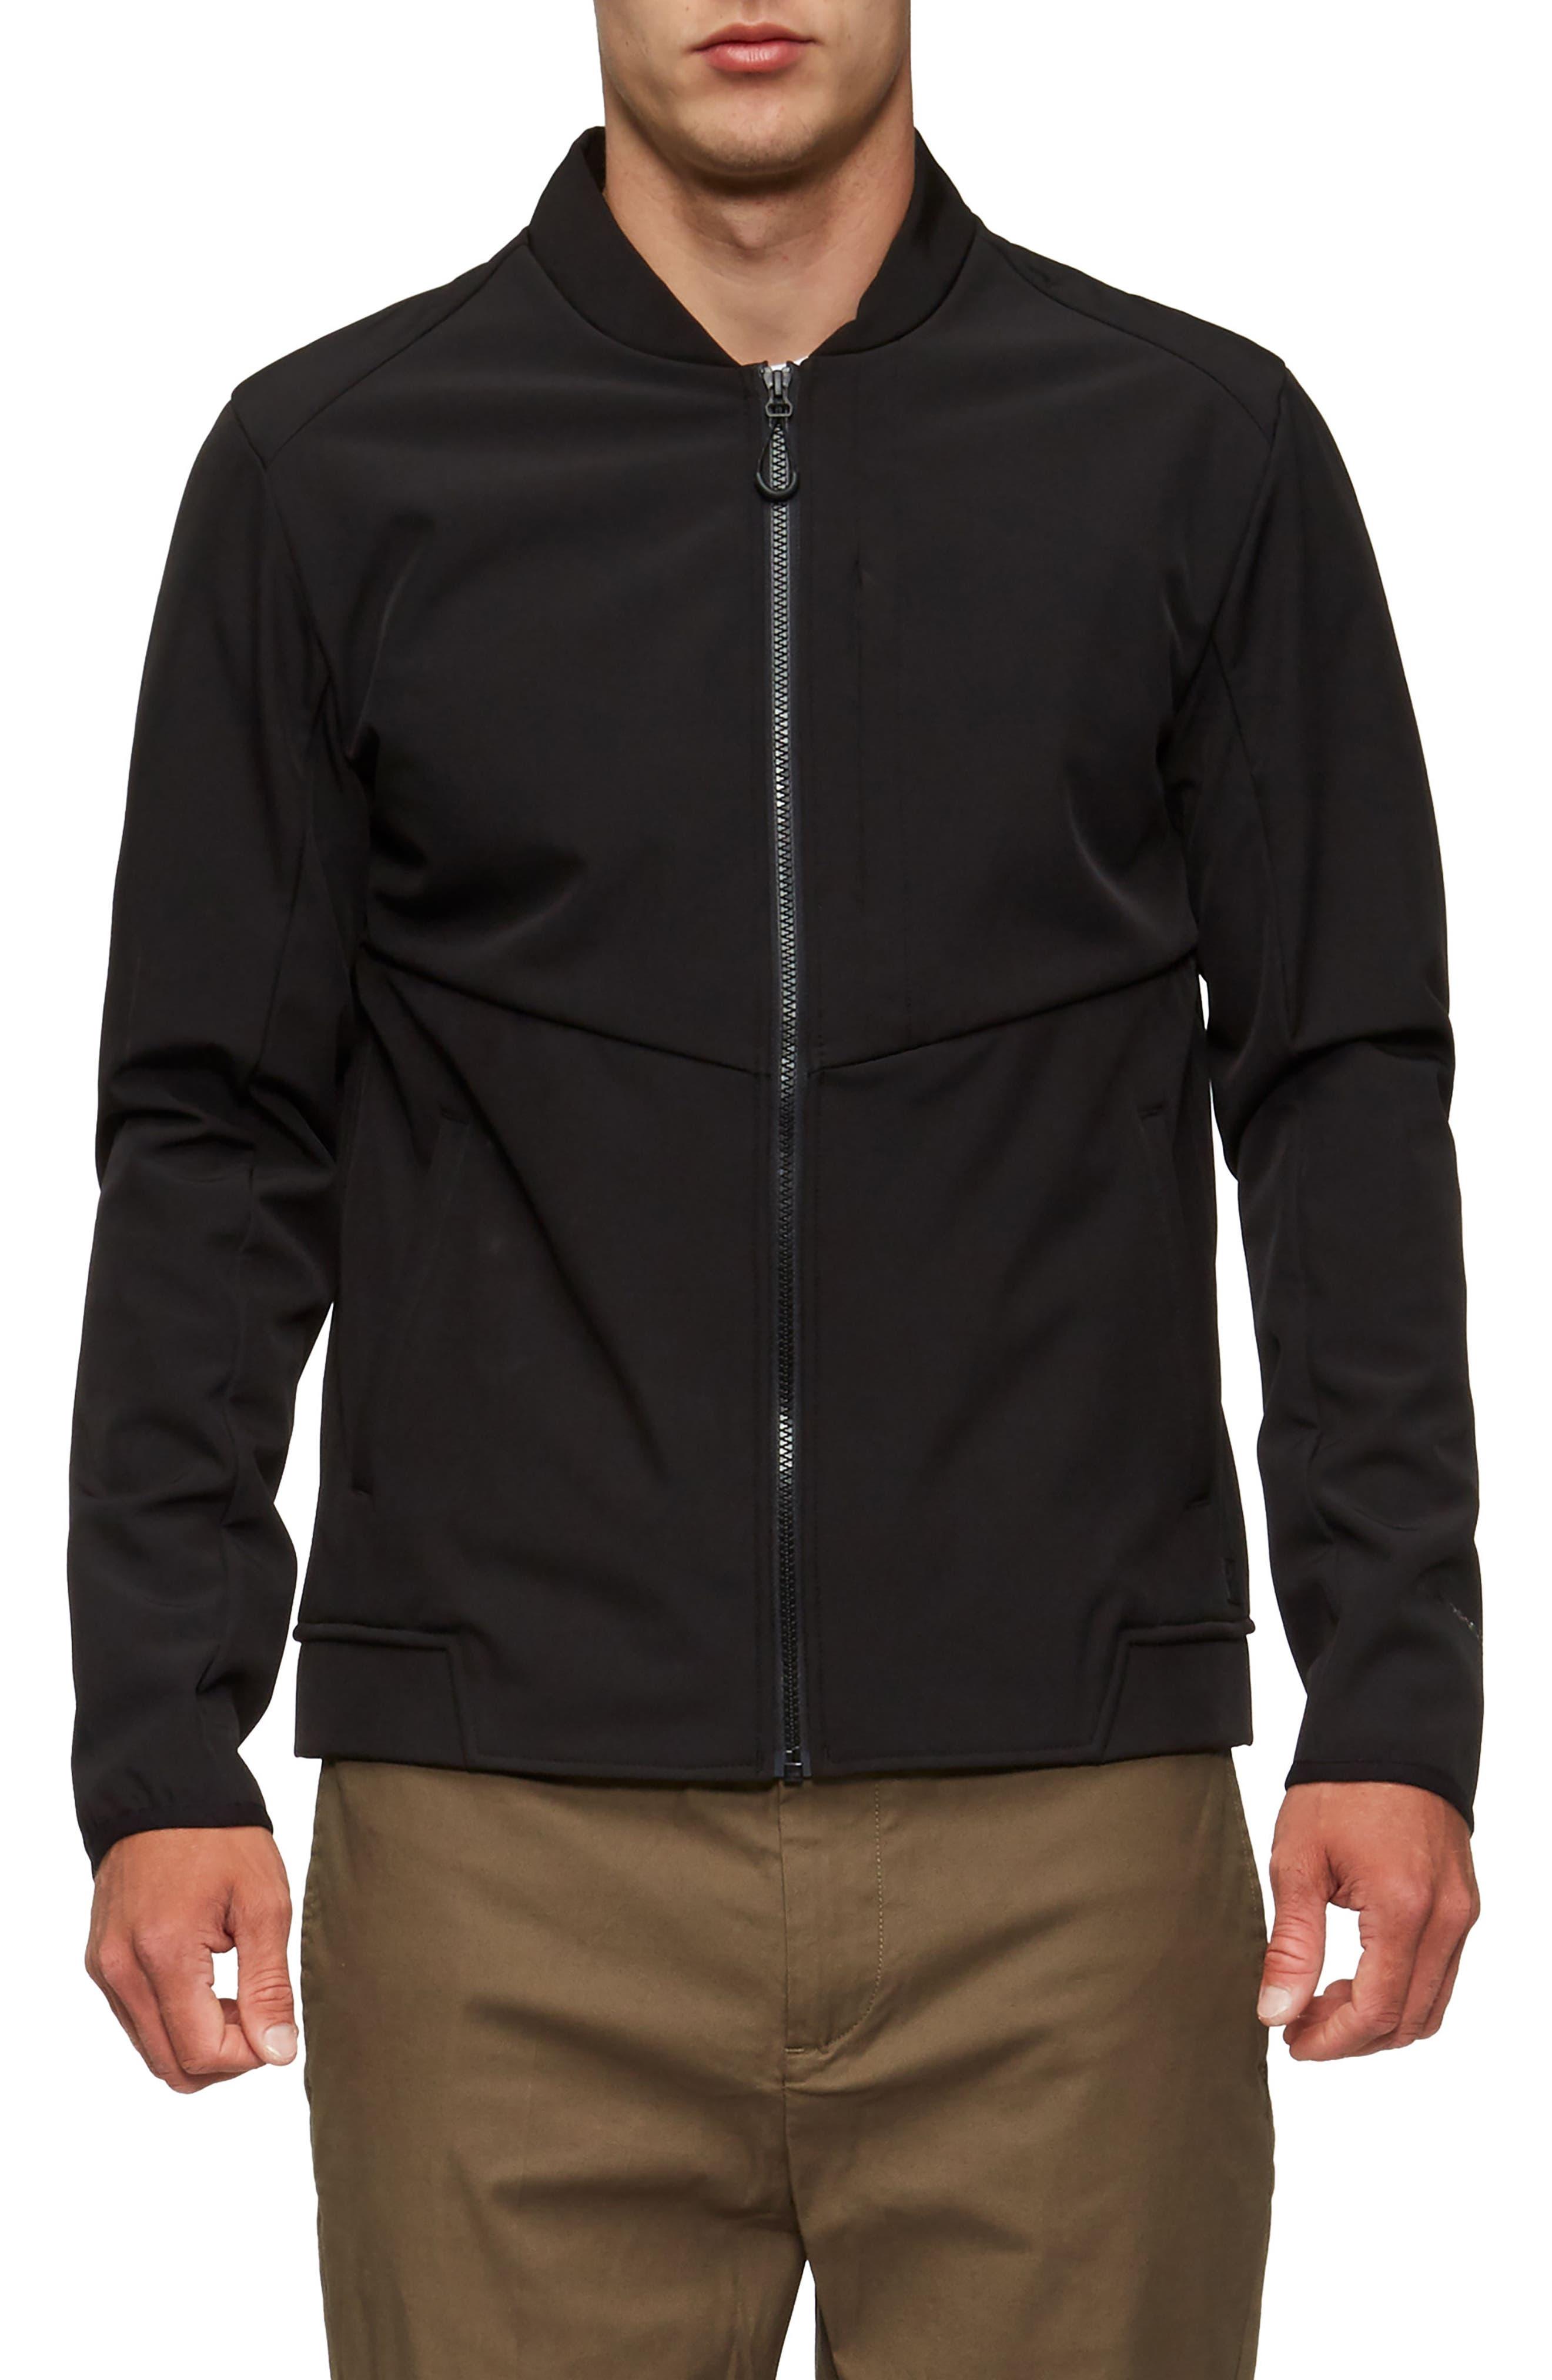 Decoy Fleece Jacket,                         Main,                         color, 001